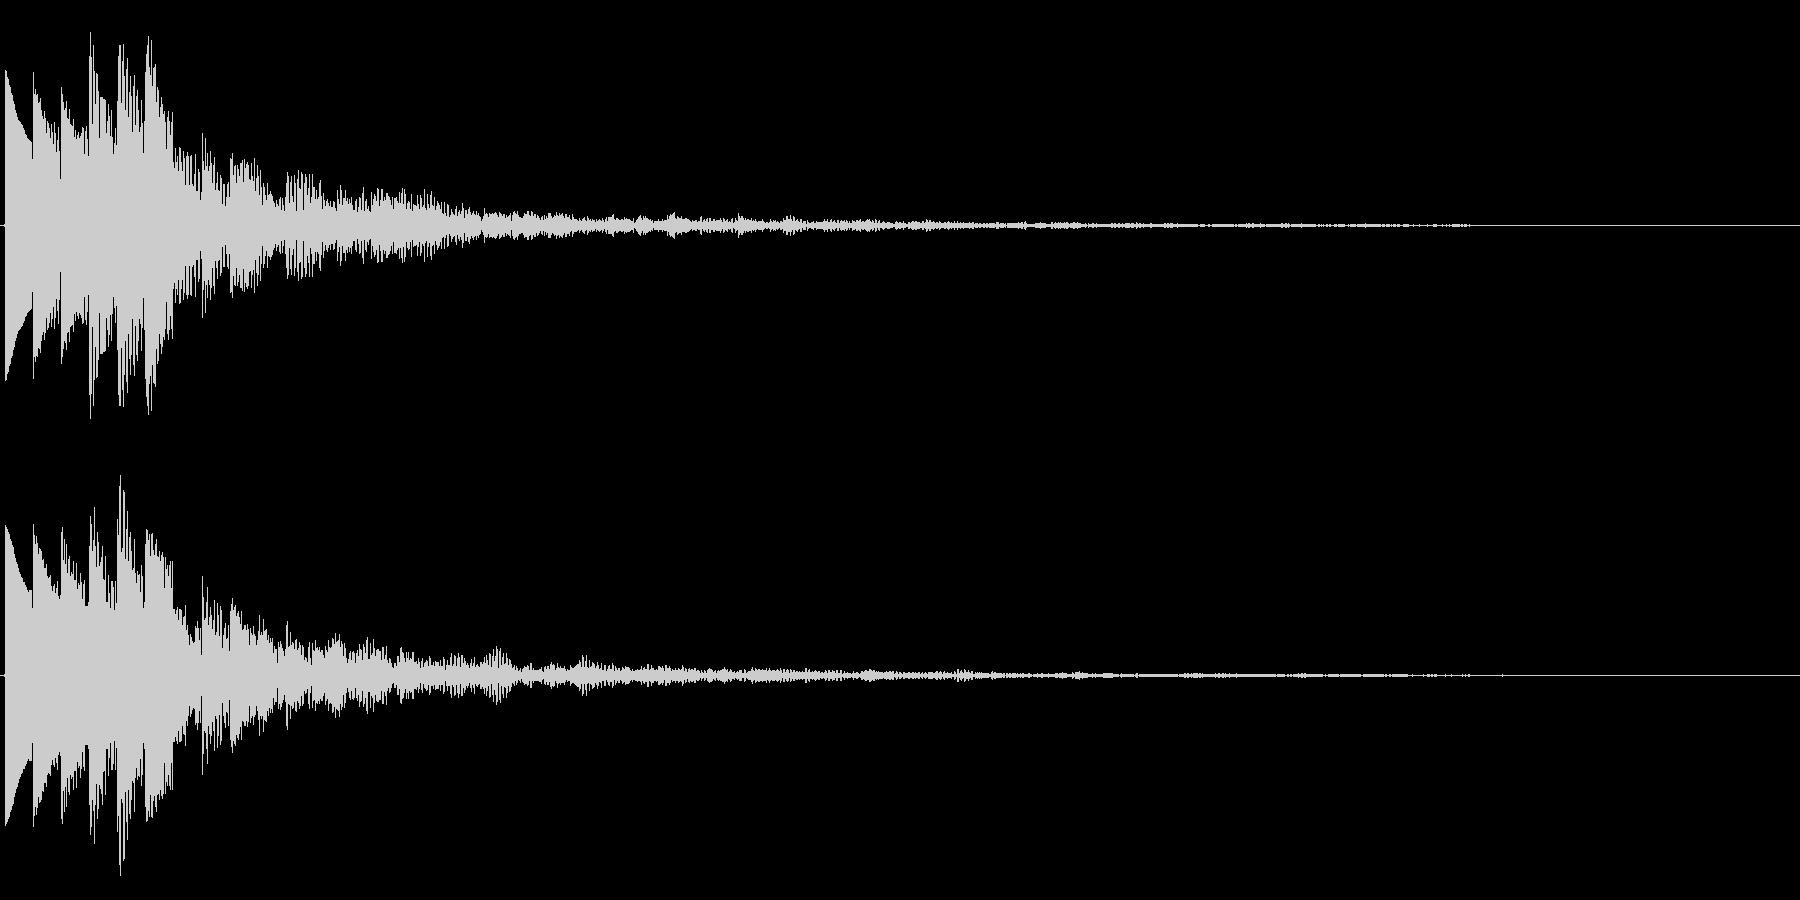 キラキラ/決定音/綺麗/エコーの未再生の波形